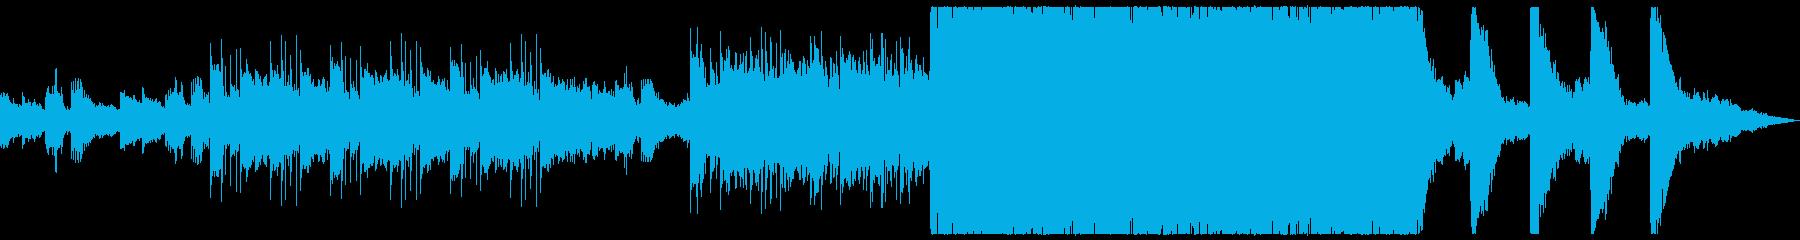 壮大でシンプルなトレーラー系BGMの再生済みの波形